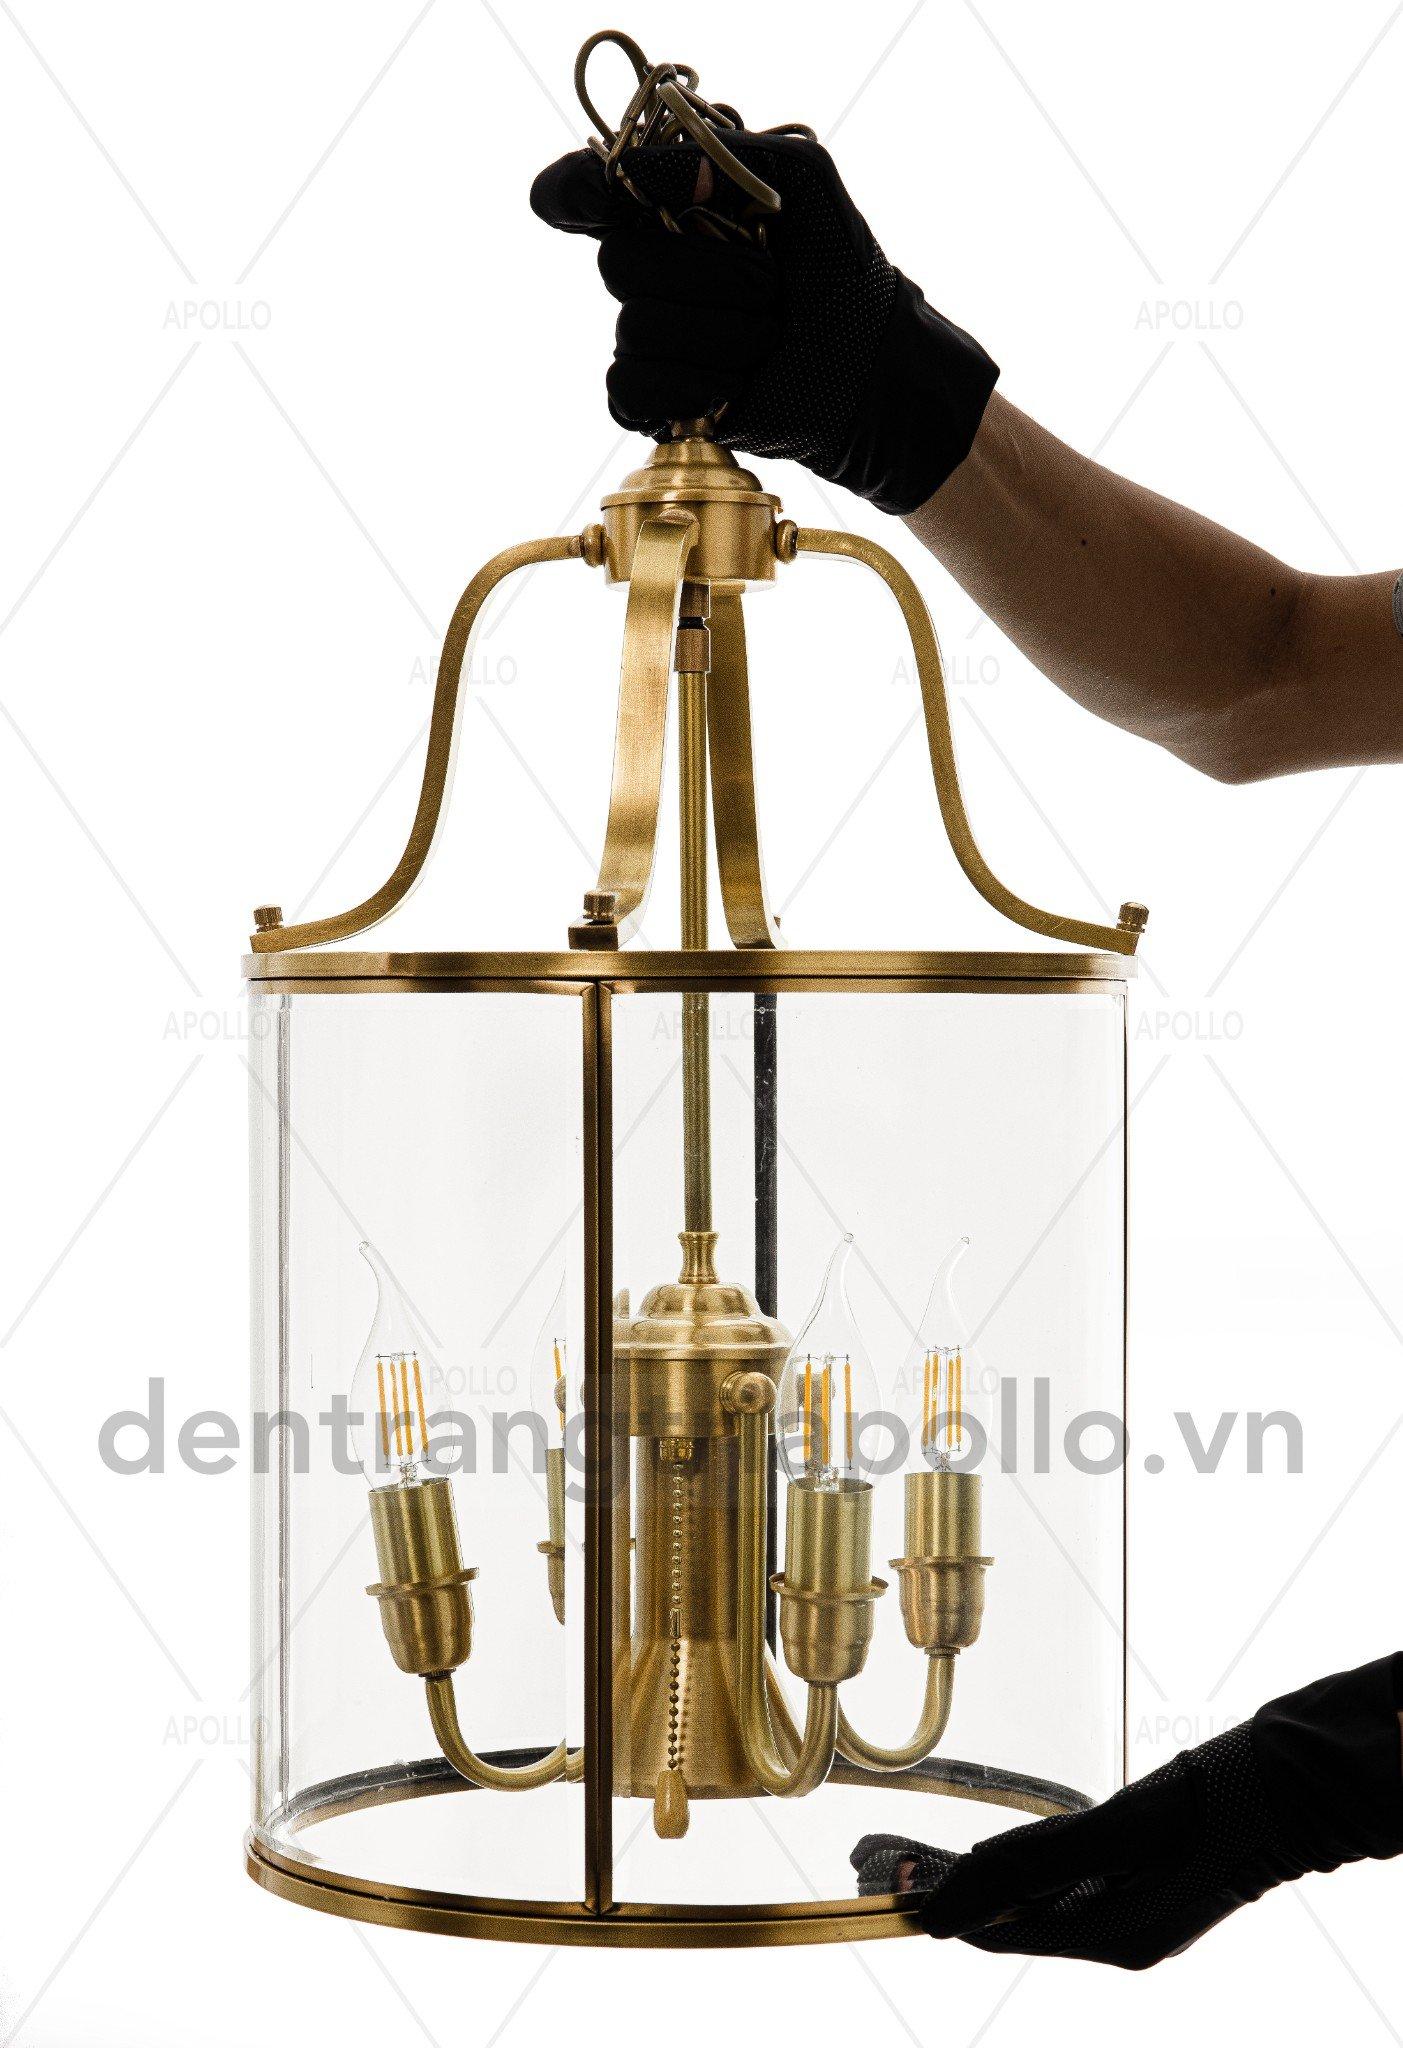 đèn thả cổ điển cao cấp